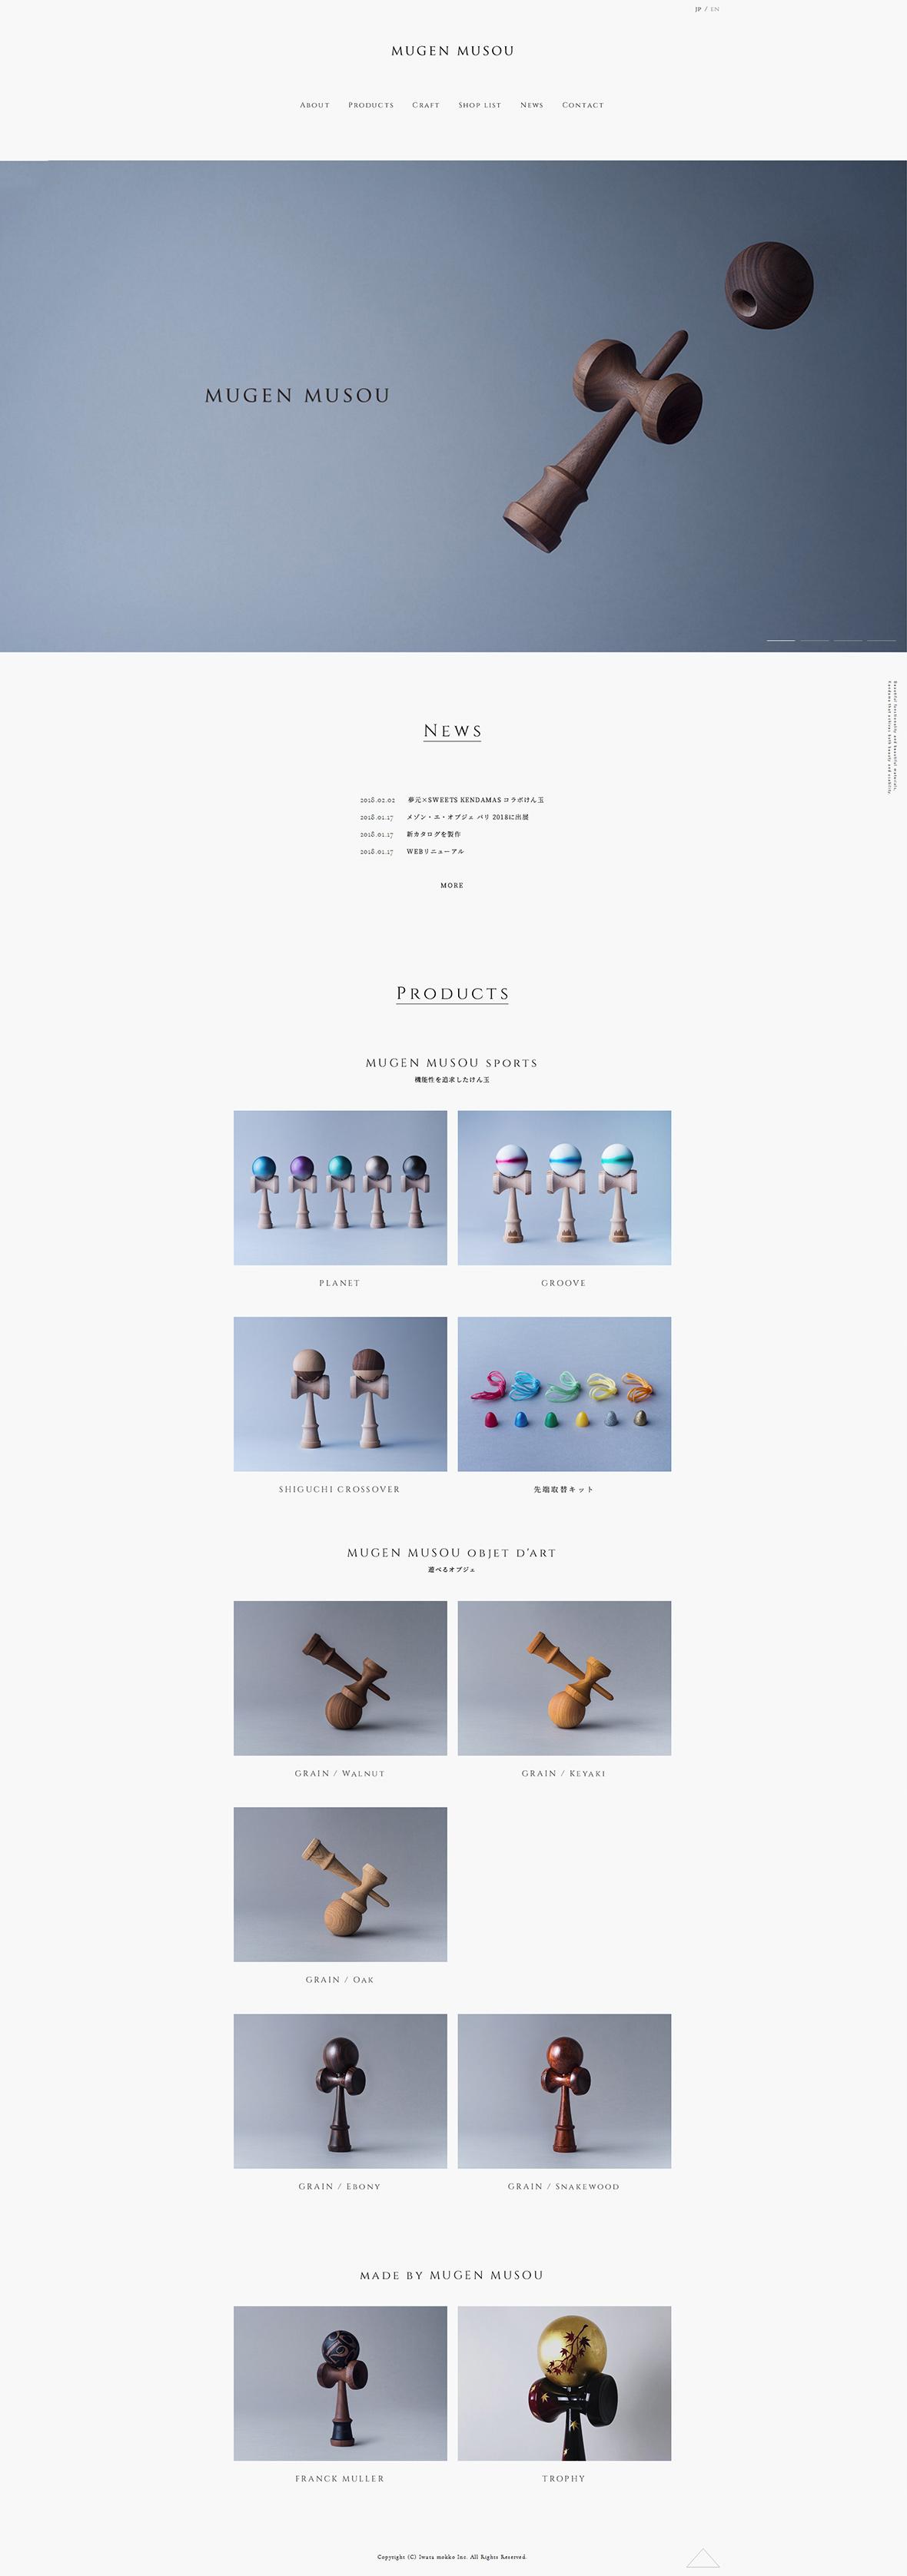 MUGEN MUSOU -KENDAMA-创意,网页设计,创意设计,创意网站,字体设计,创意作品,设计作品,网站欣赏,优,ui设计,设计,设计师,平面设计,设计导航,电商设计,动漫设计,三维设计,平面设计